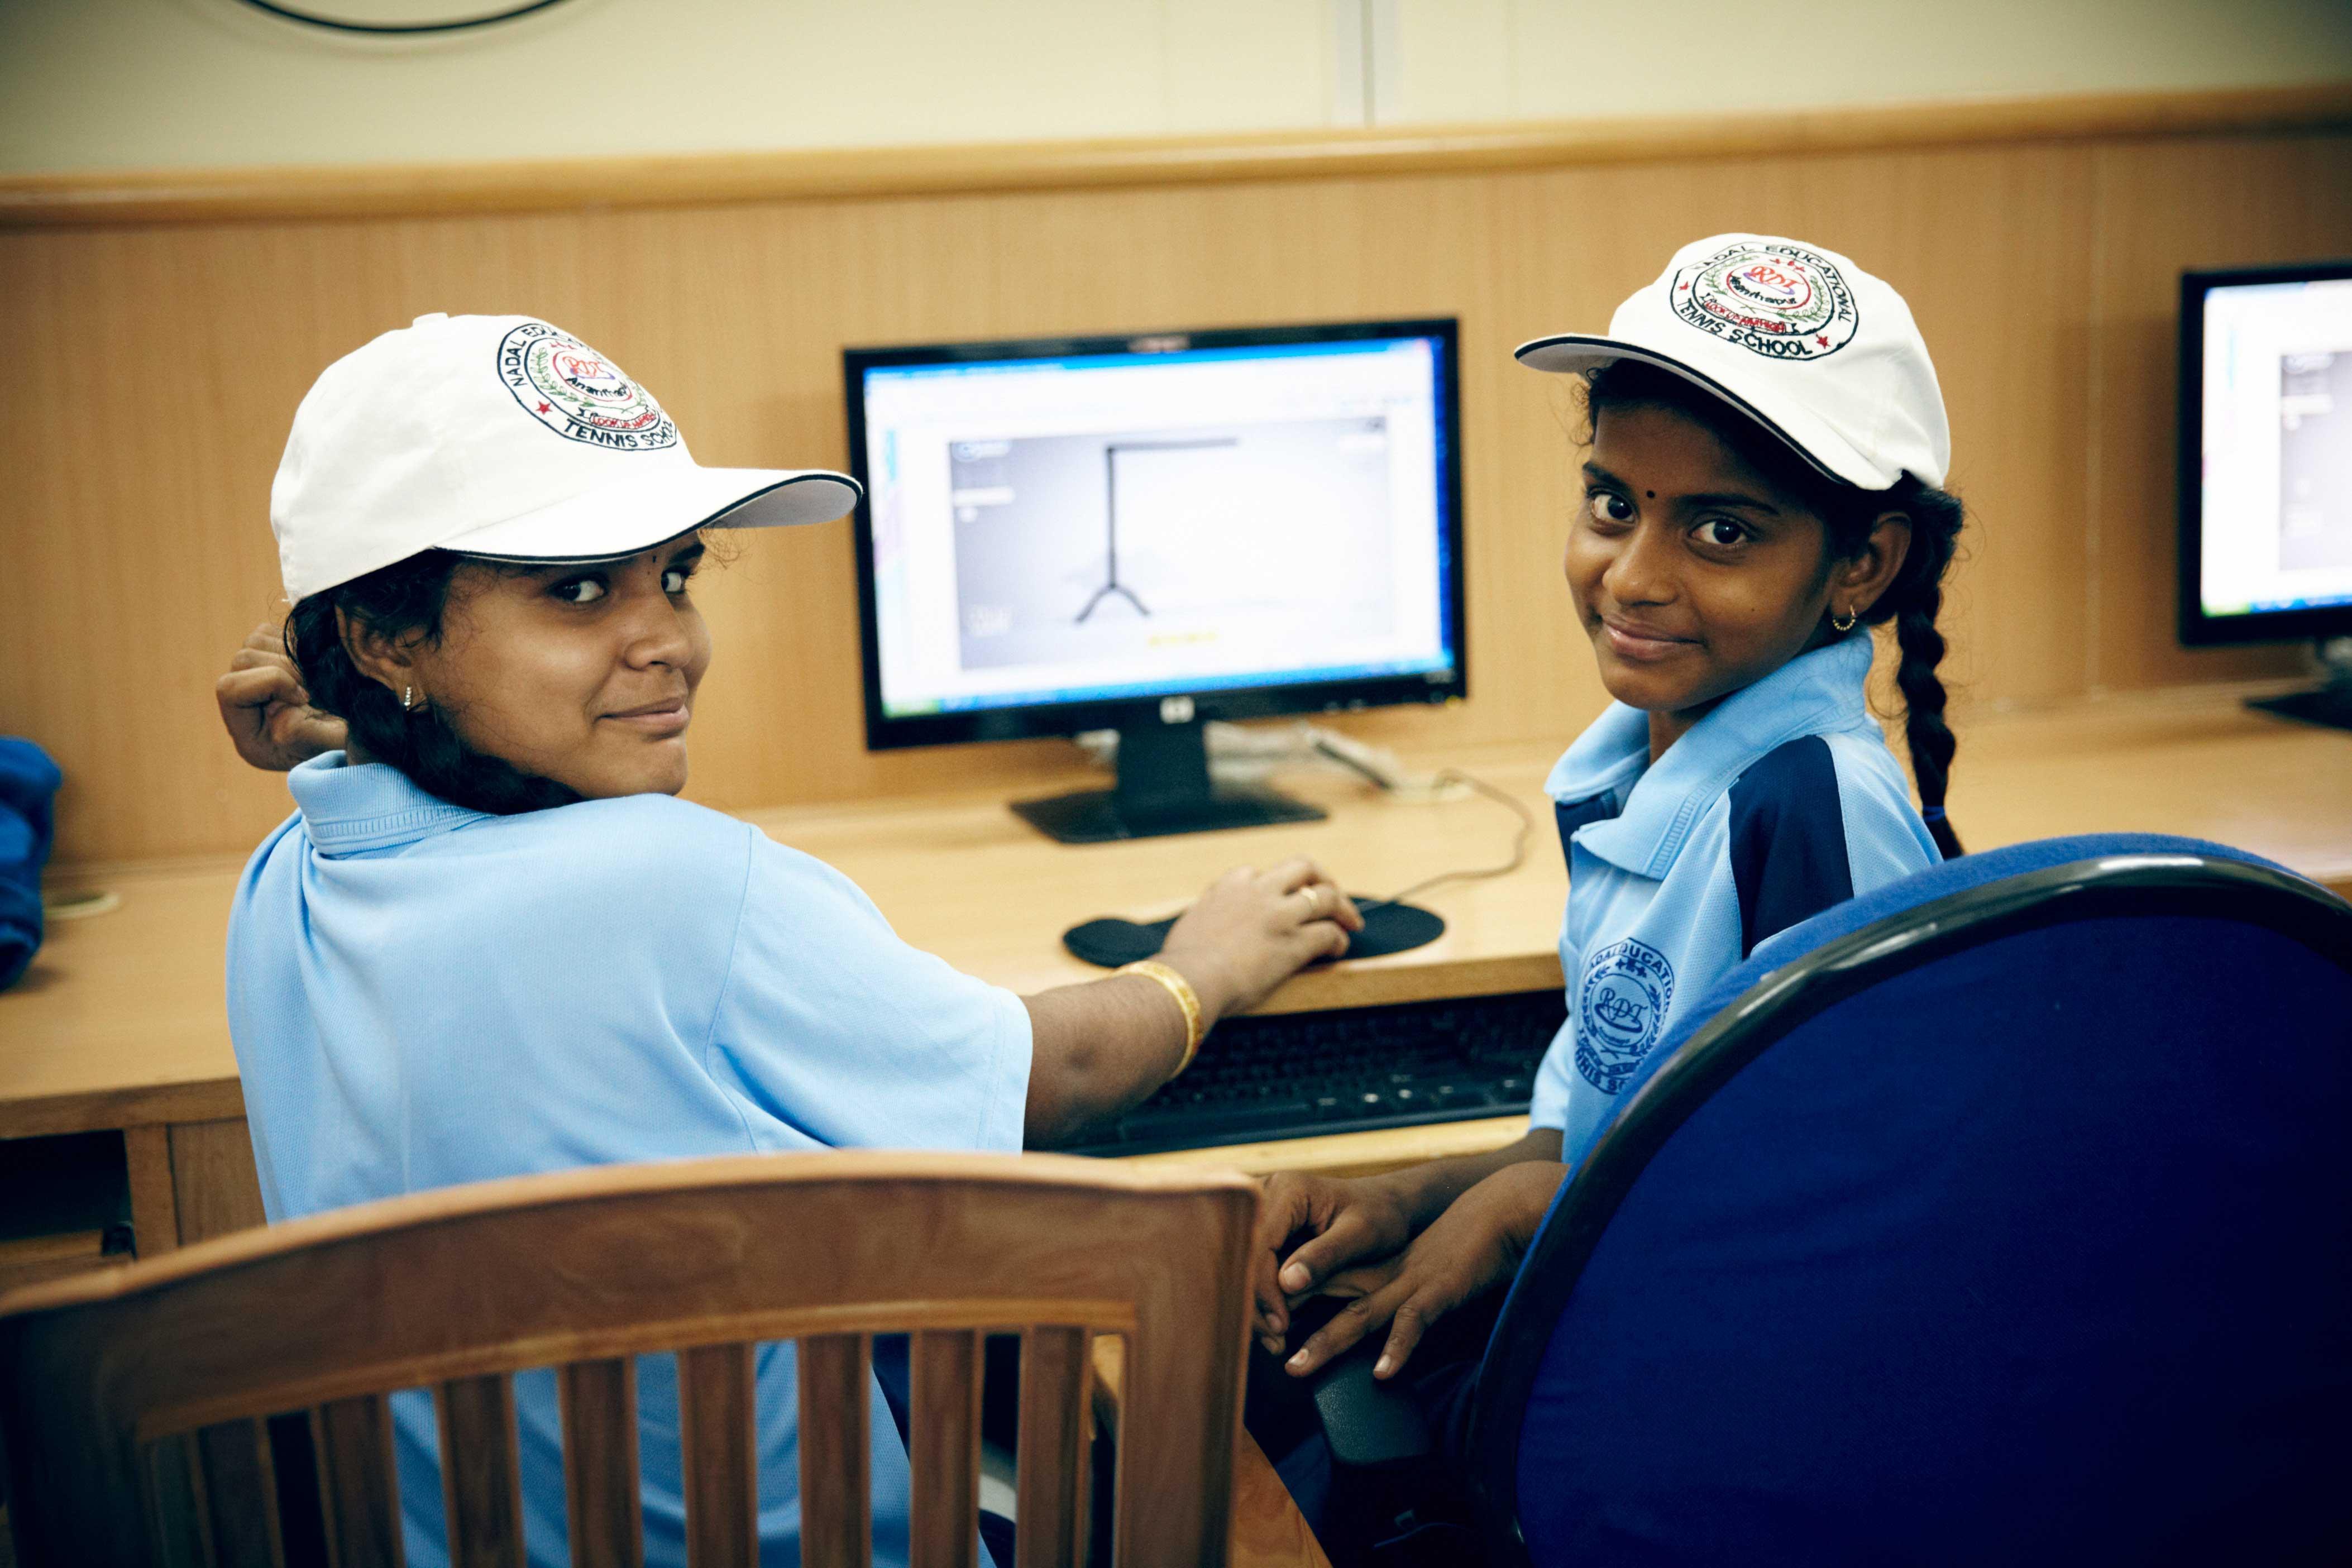 Aquí ofrecen entrenamiento de tenis, refuerzo de  inglés e informática, suplementos nutricionales y cobertura sanitaria básica.